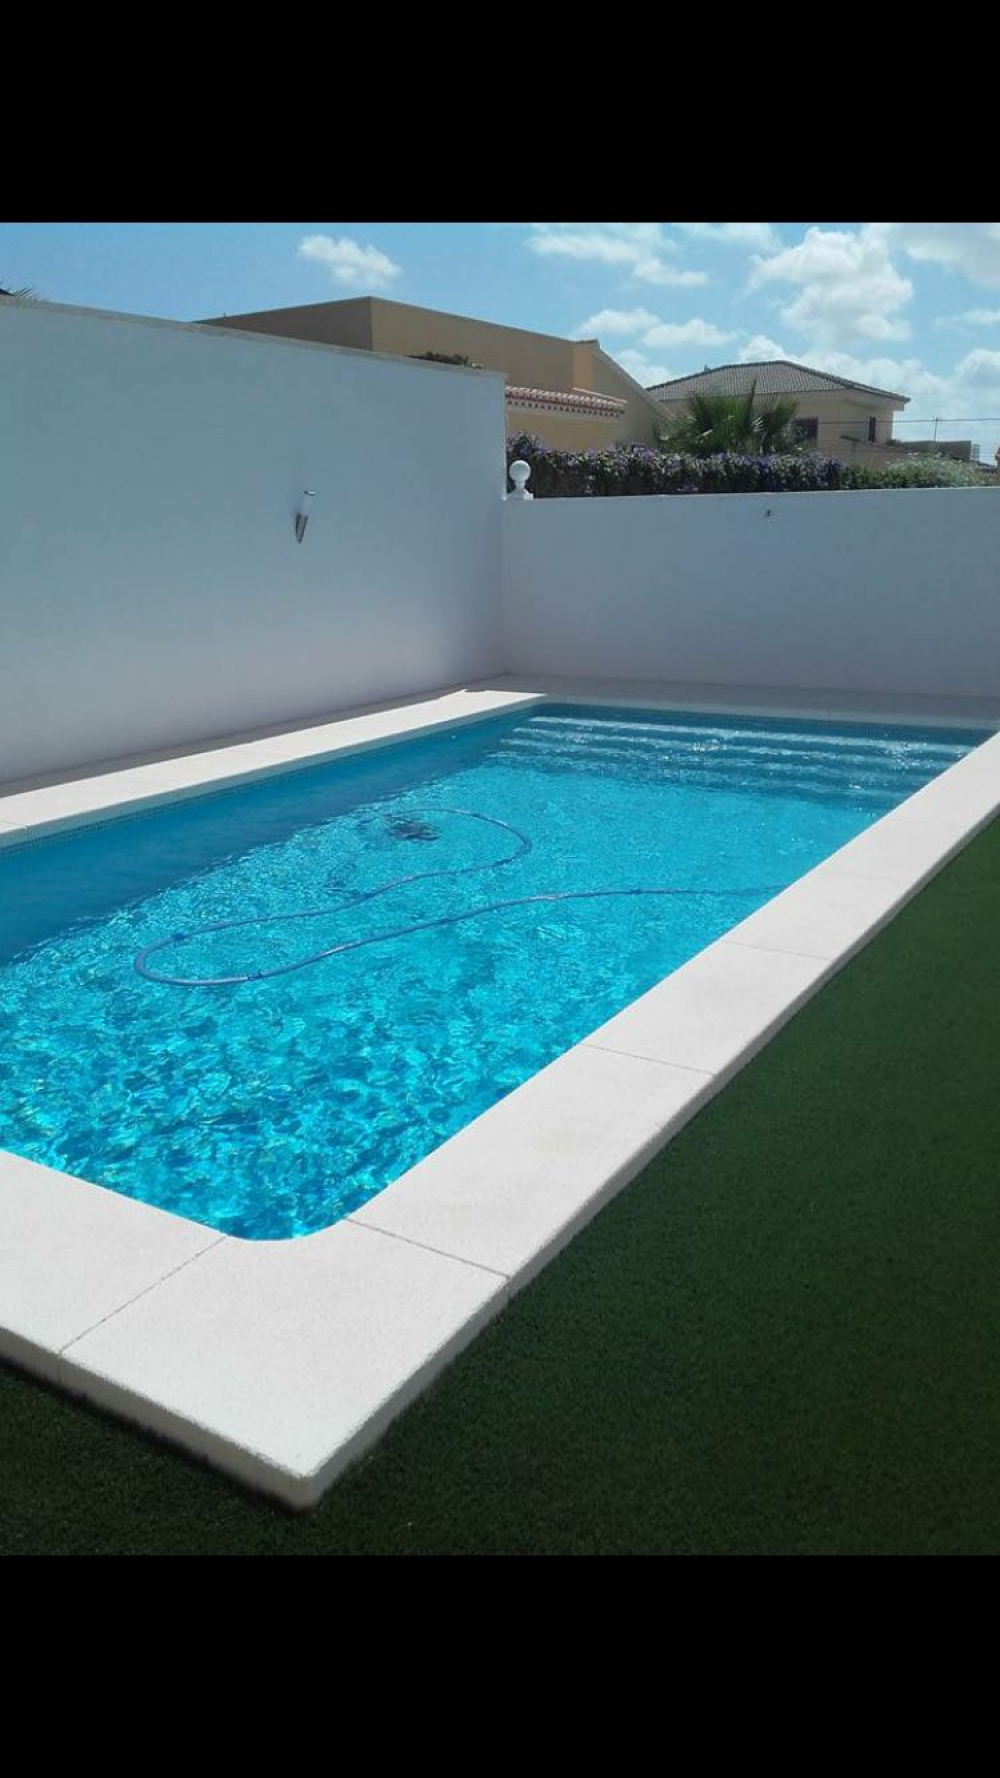 Construcción de piscinas de obra en Torrevieja. Construir piscinas ...